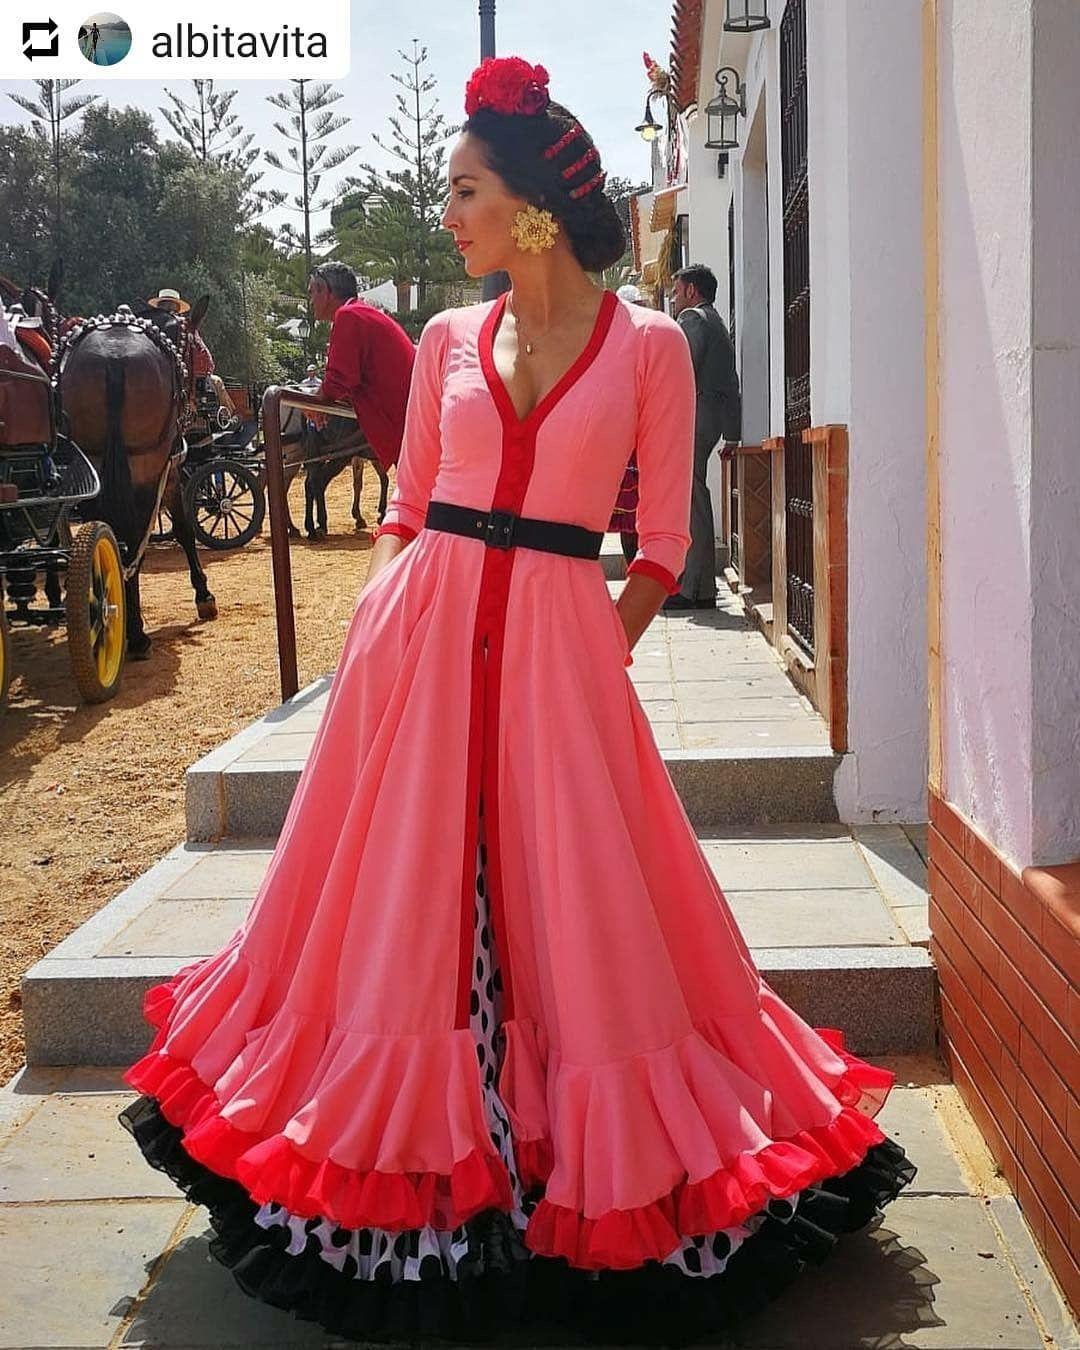 5792699fd Pin de Mariana Dosil en Flam en 2019 | Vestidos de flamenca, Arte ...